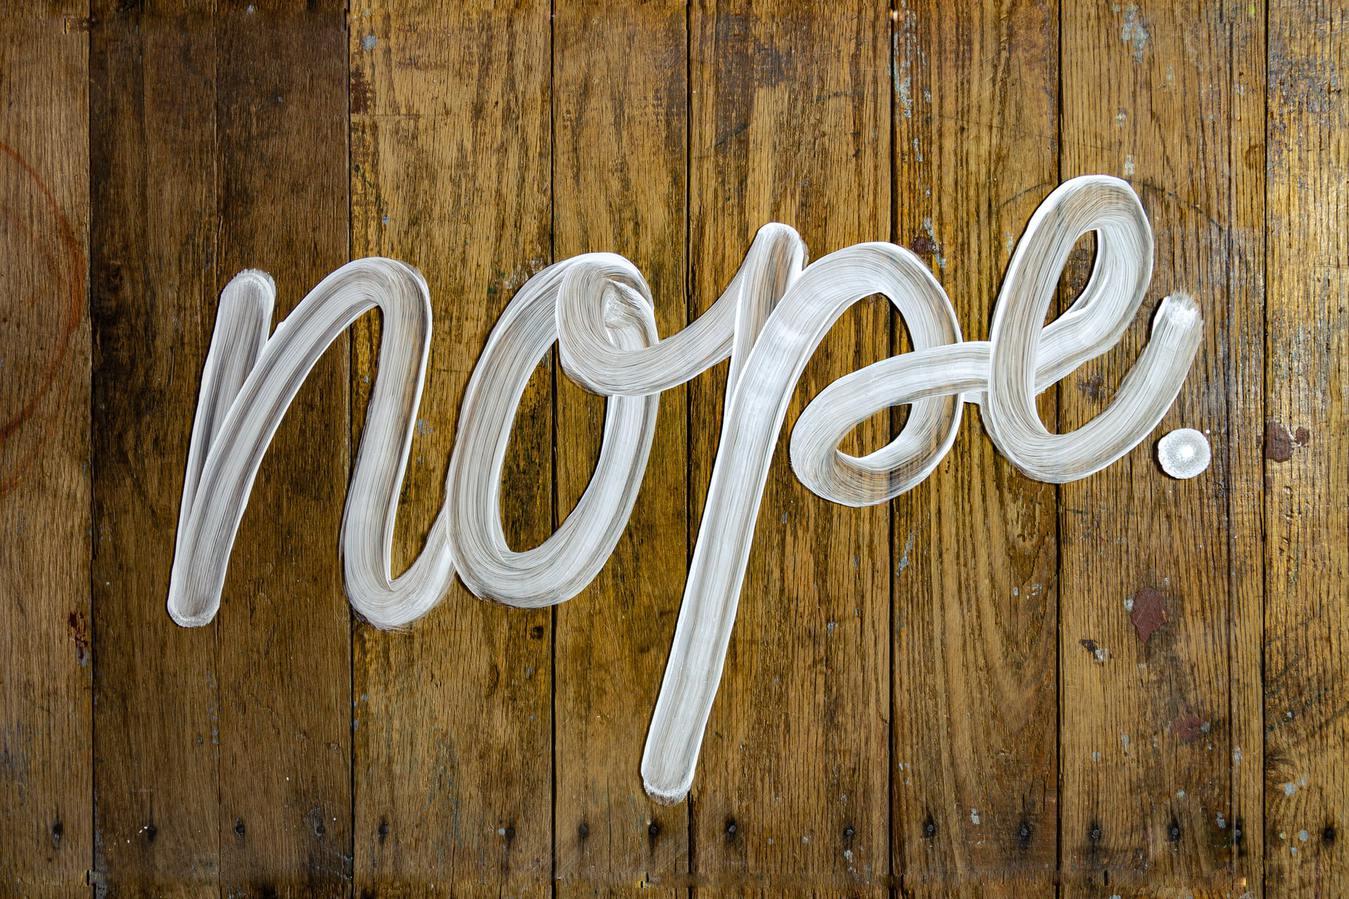 No scritto su uno sfondo di legno